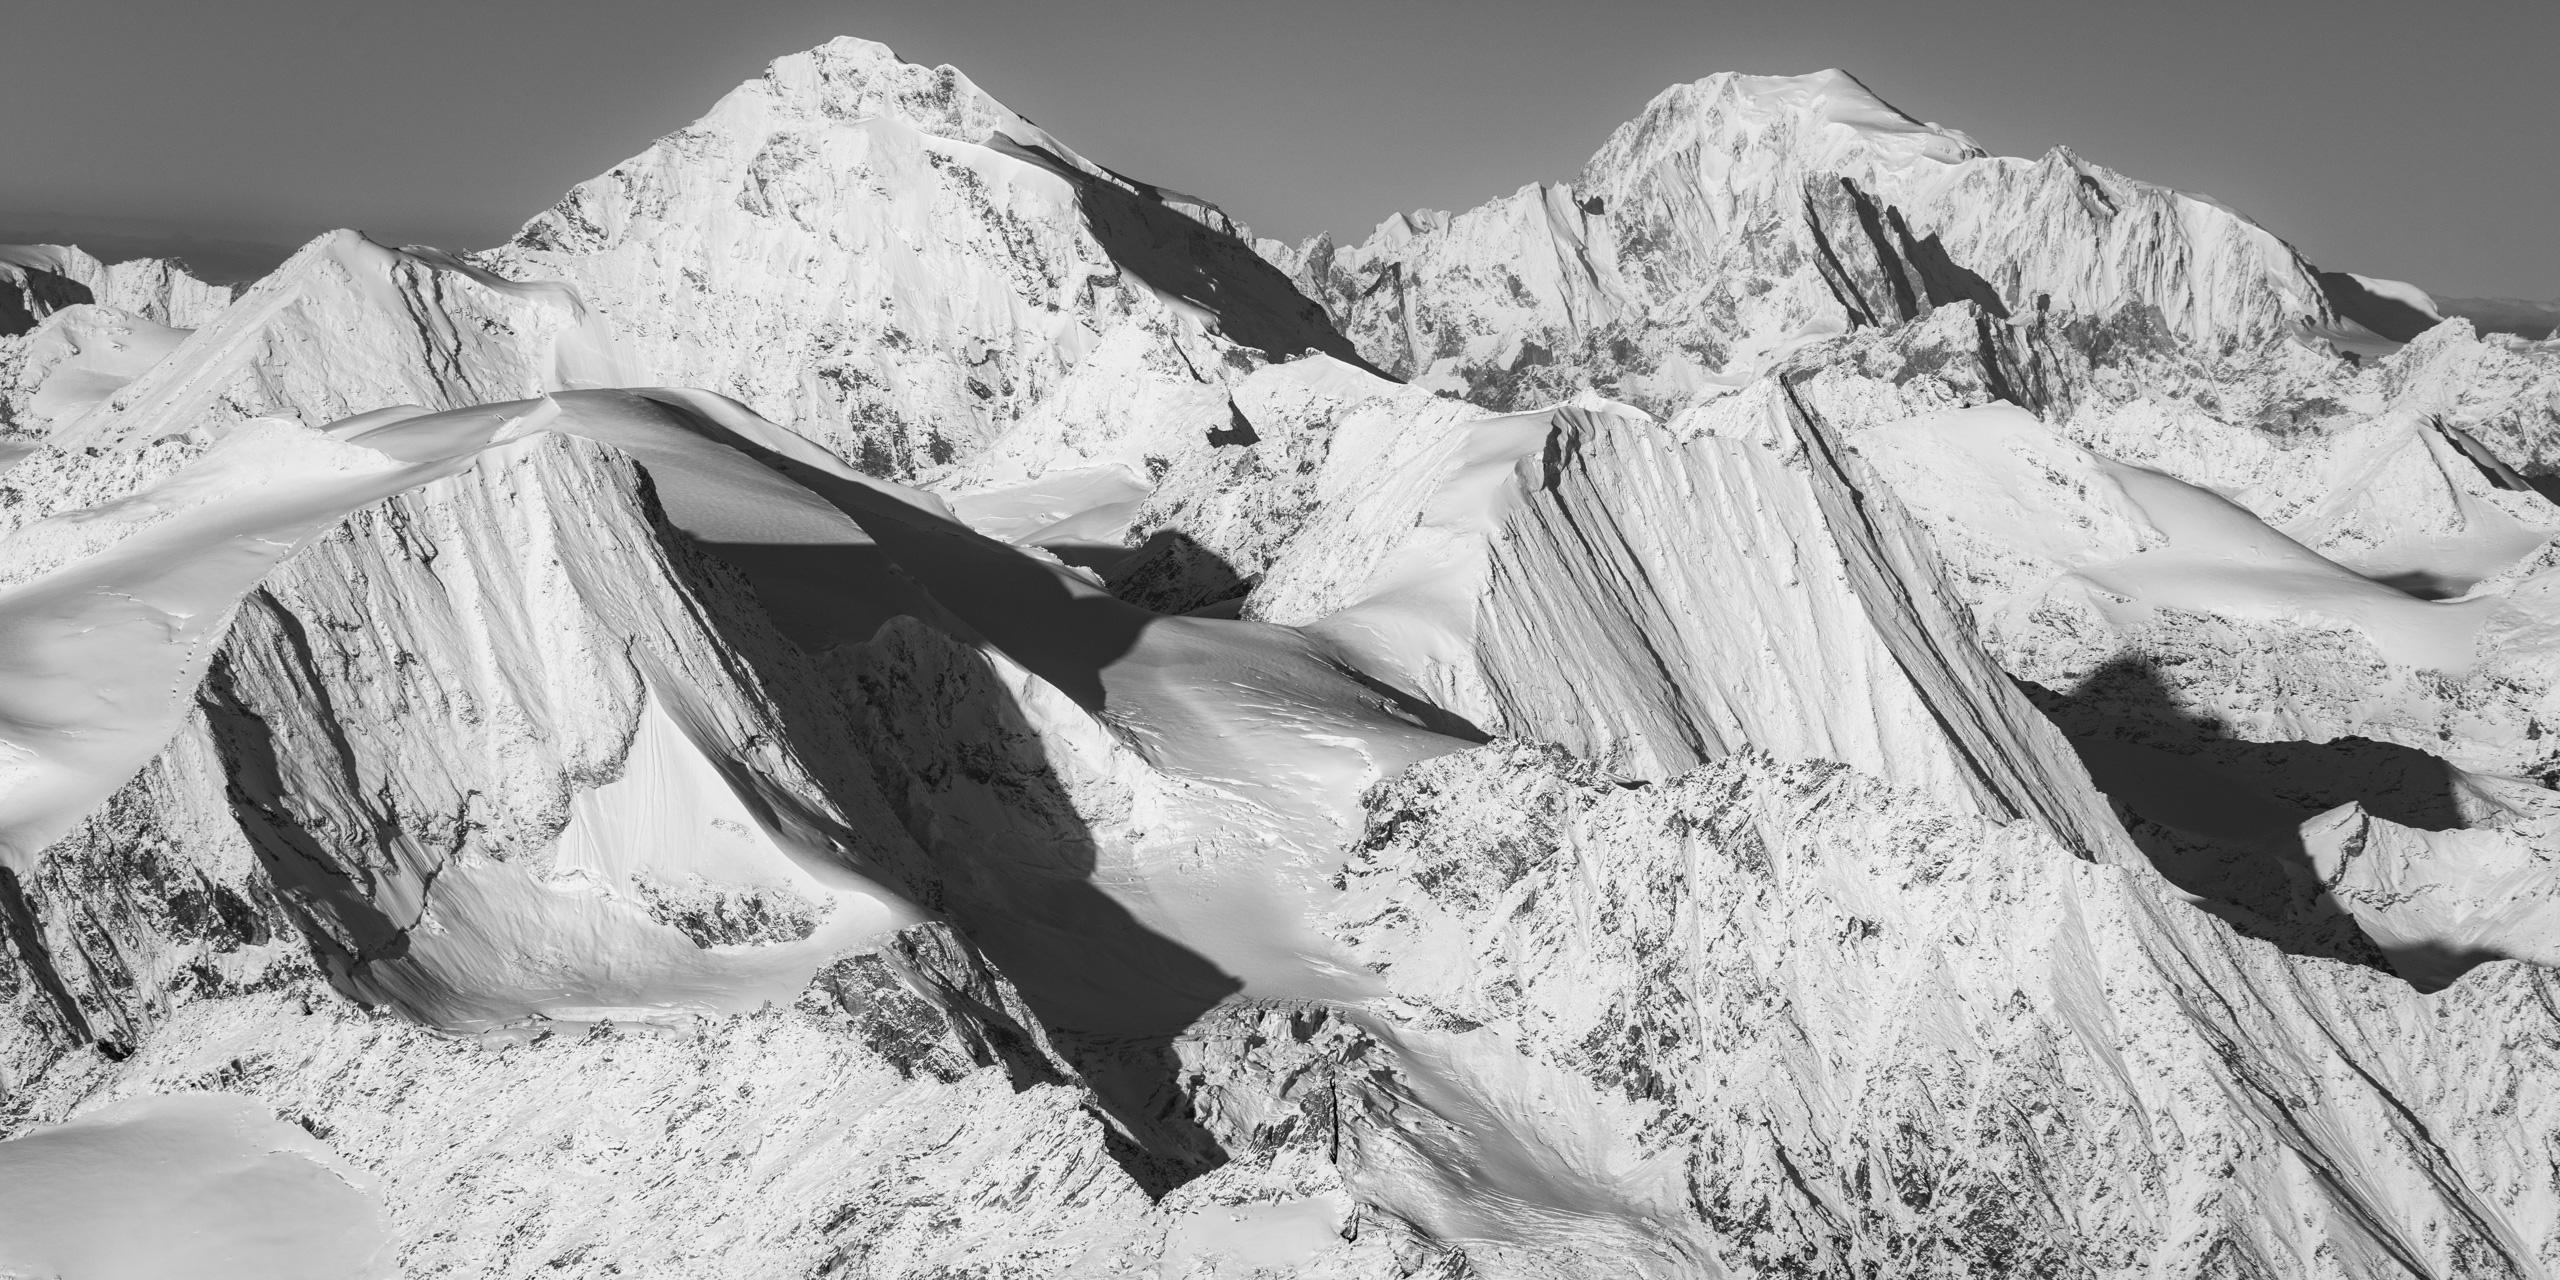 Panorama Mont Blanc et montagne suisse - sommet montagne du va ld'Hérens- Verbier - les Combins - Massif du Mont-Blanc- Image paysage montagne neige